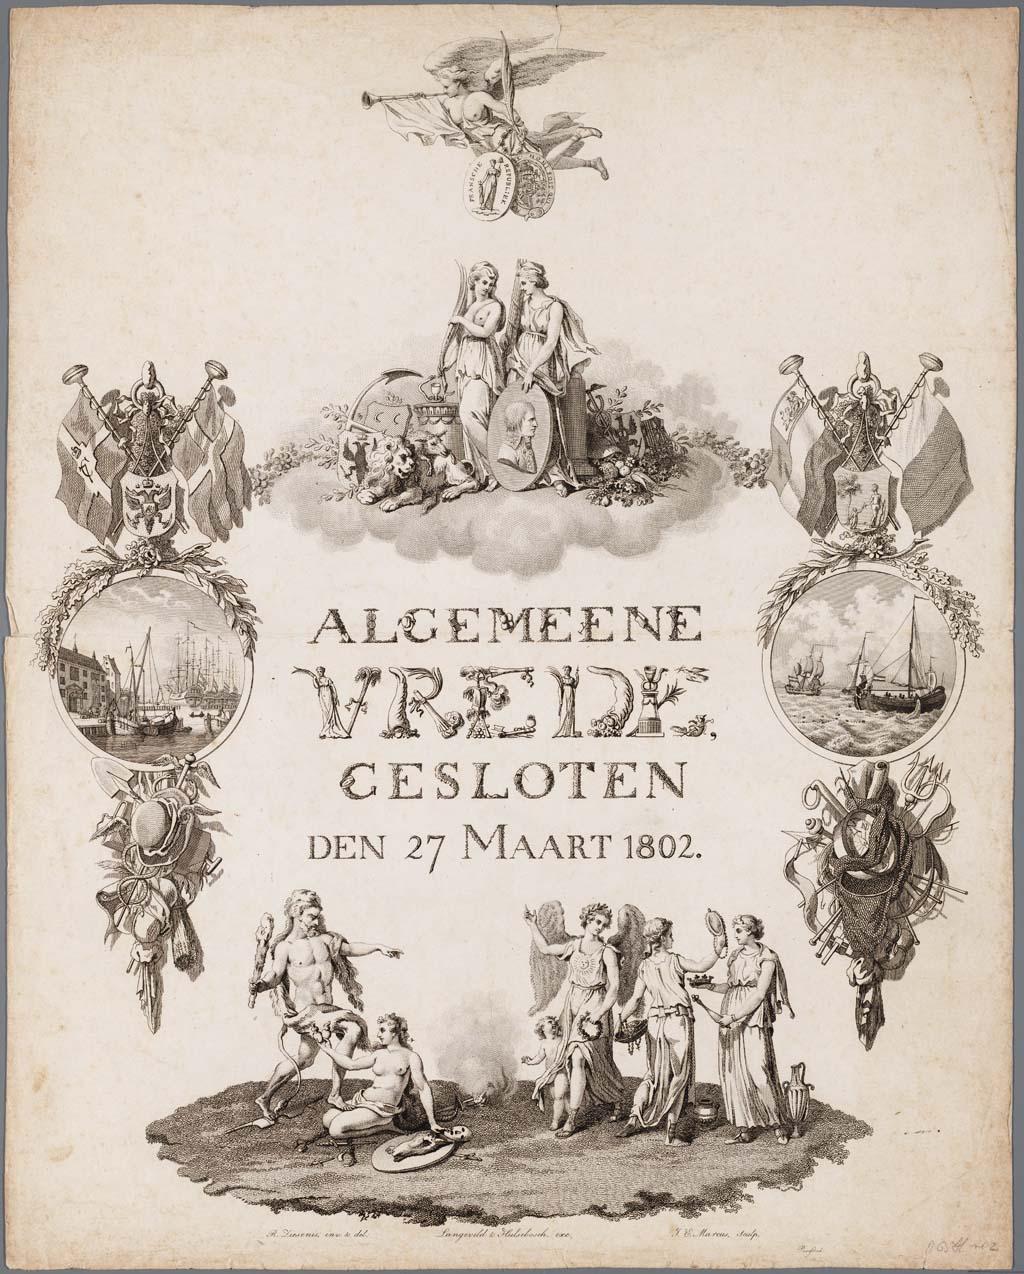 Algemeene vrede gesloten den 27 maart 1802